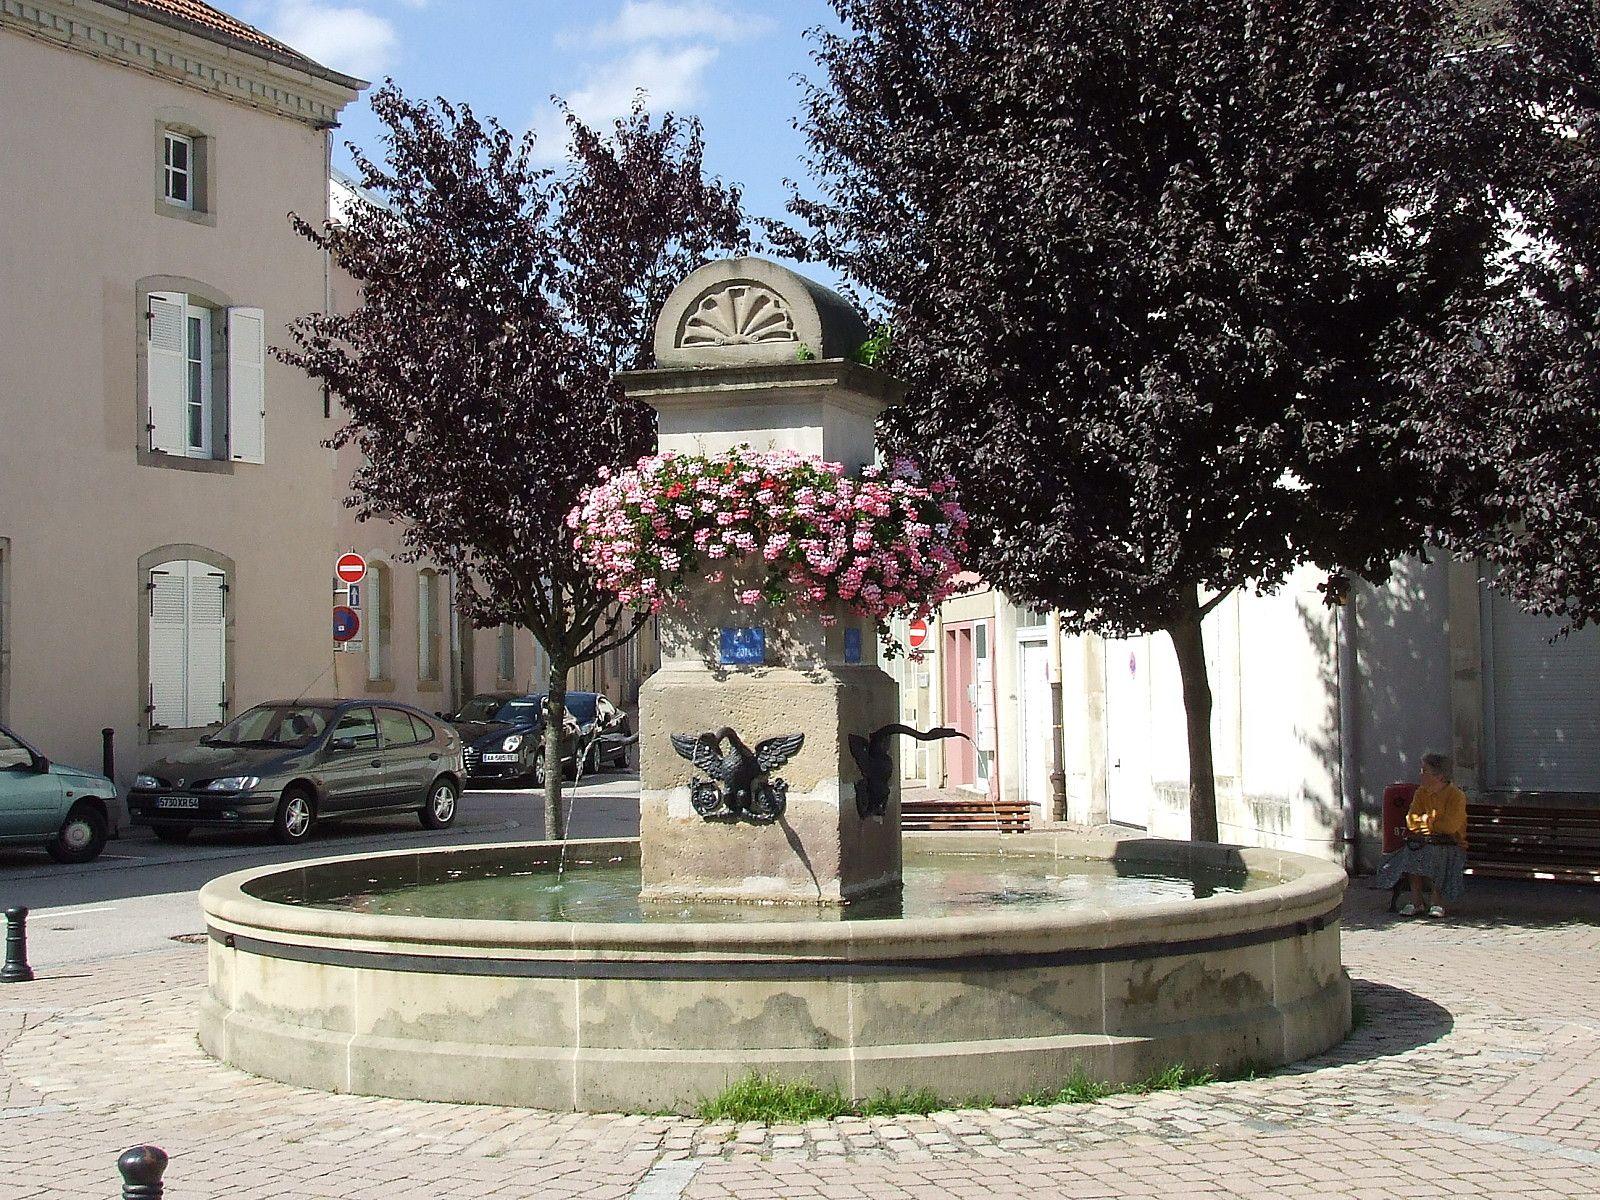 Les fontaines lorraine tourisme - Office du tourisme remiremont ...